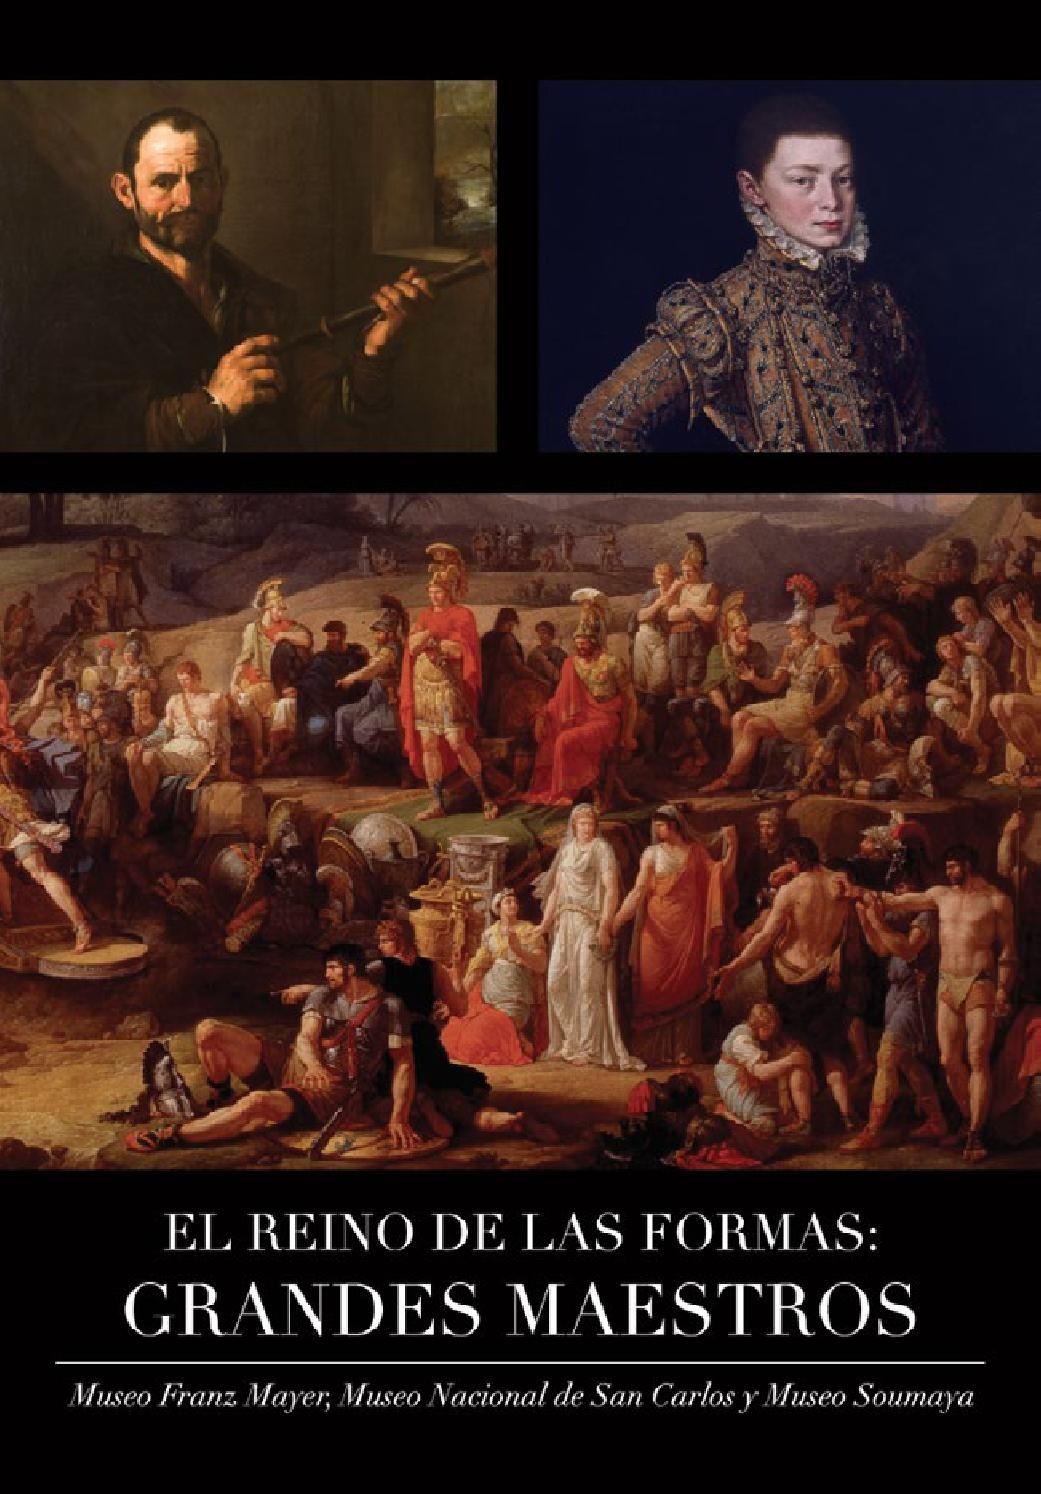 El reino de las formas | Libros de arte, La forma y Libros